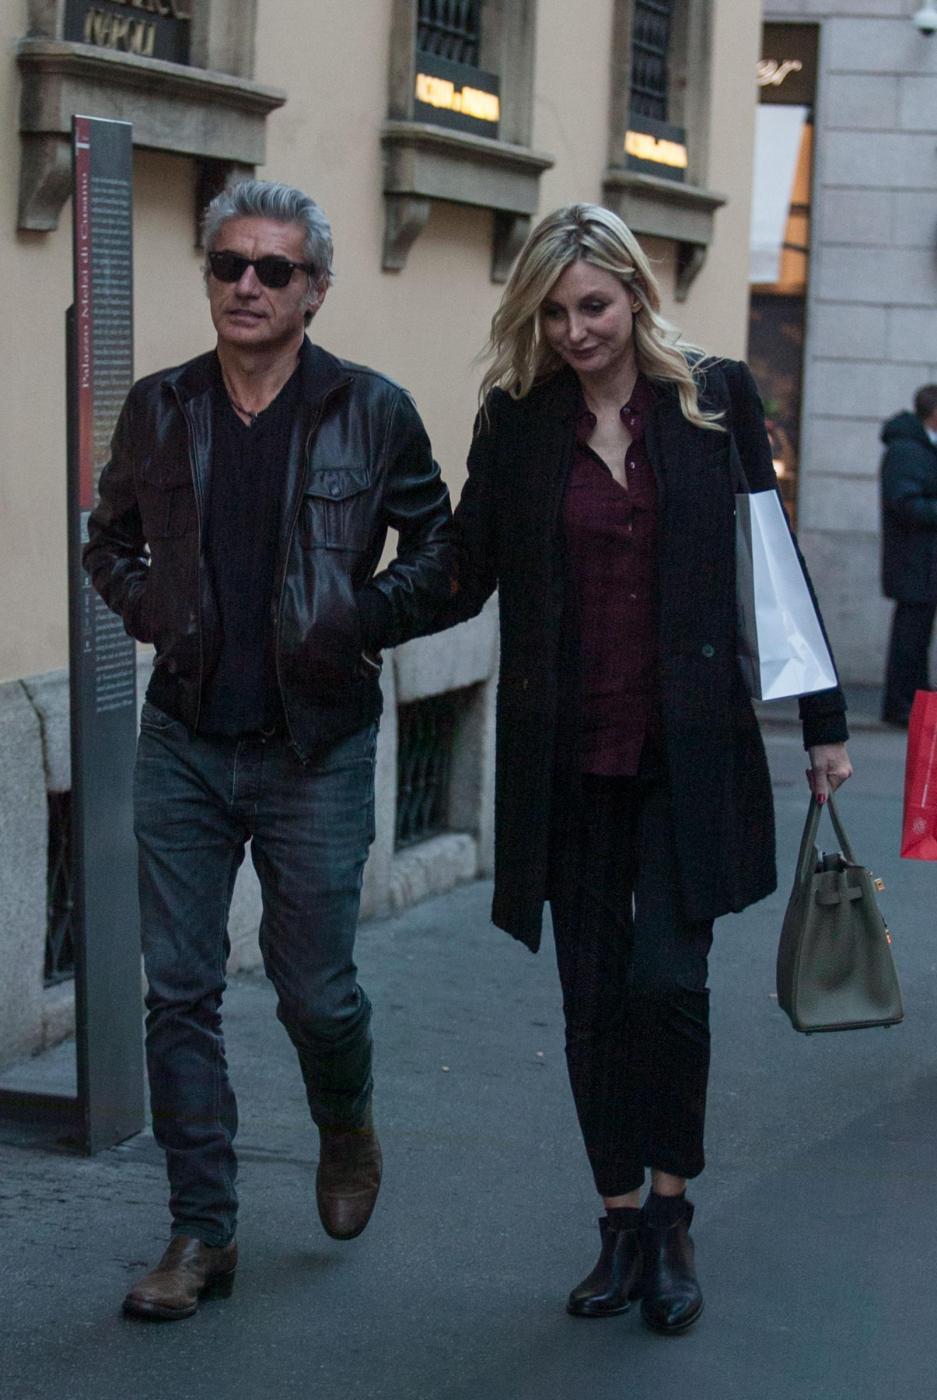 Luciano Ligabue e la moglie Barbara Pozzo a passeggio FOTO 90